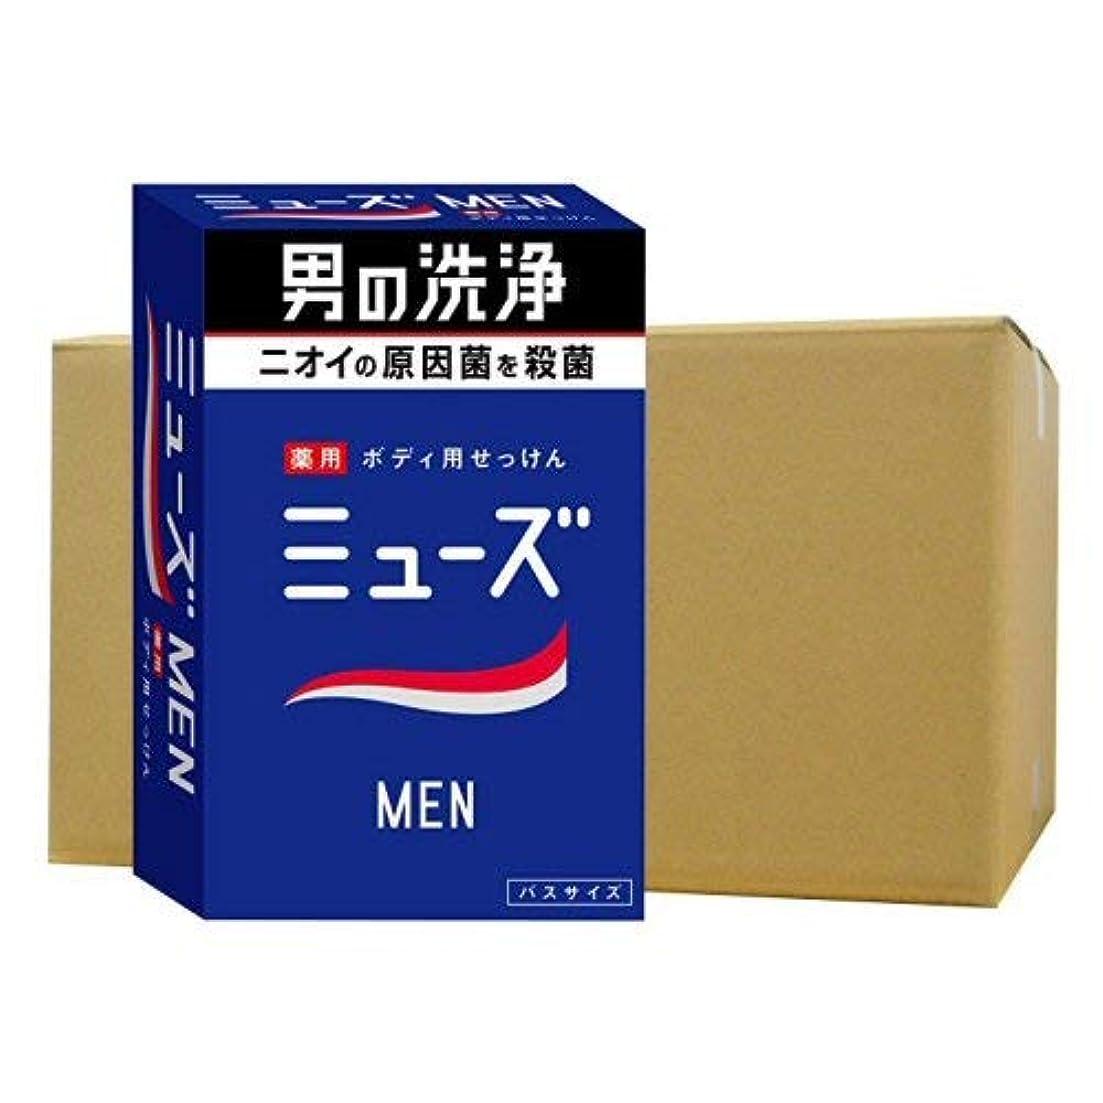 動機付ける苦行添付ミューズメン薬用石鹸 135g×24個セット